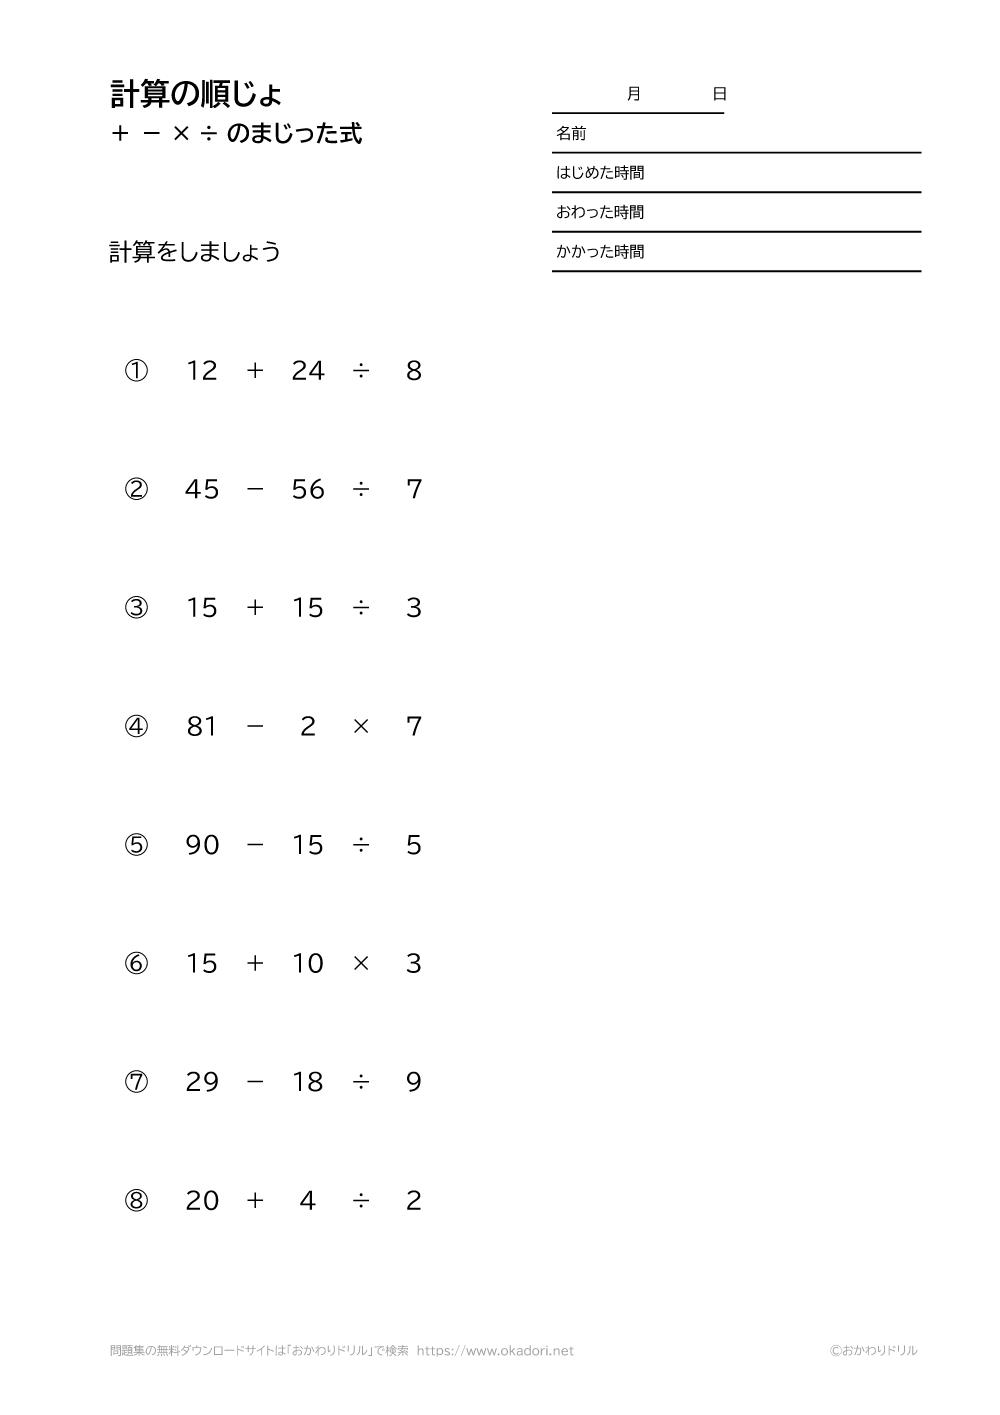 計算の順序+-×÷のまじった式-1-3